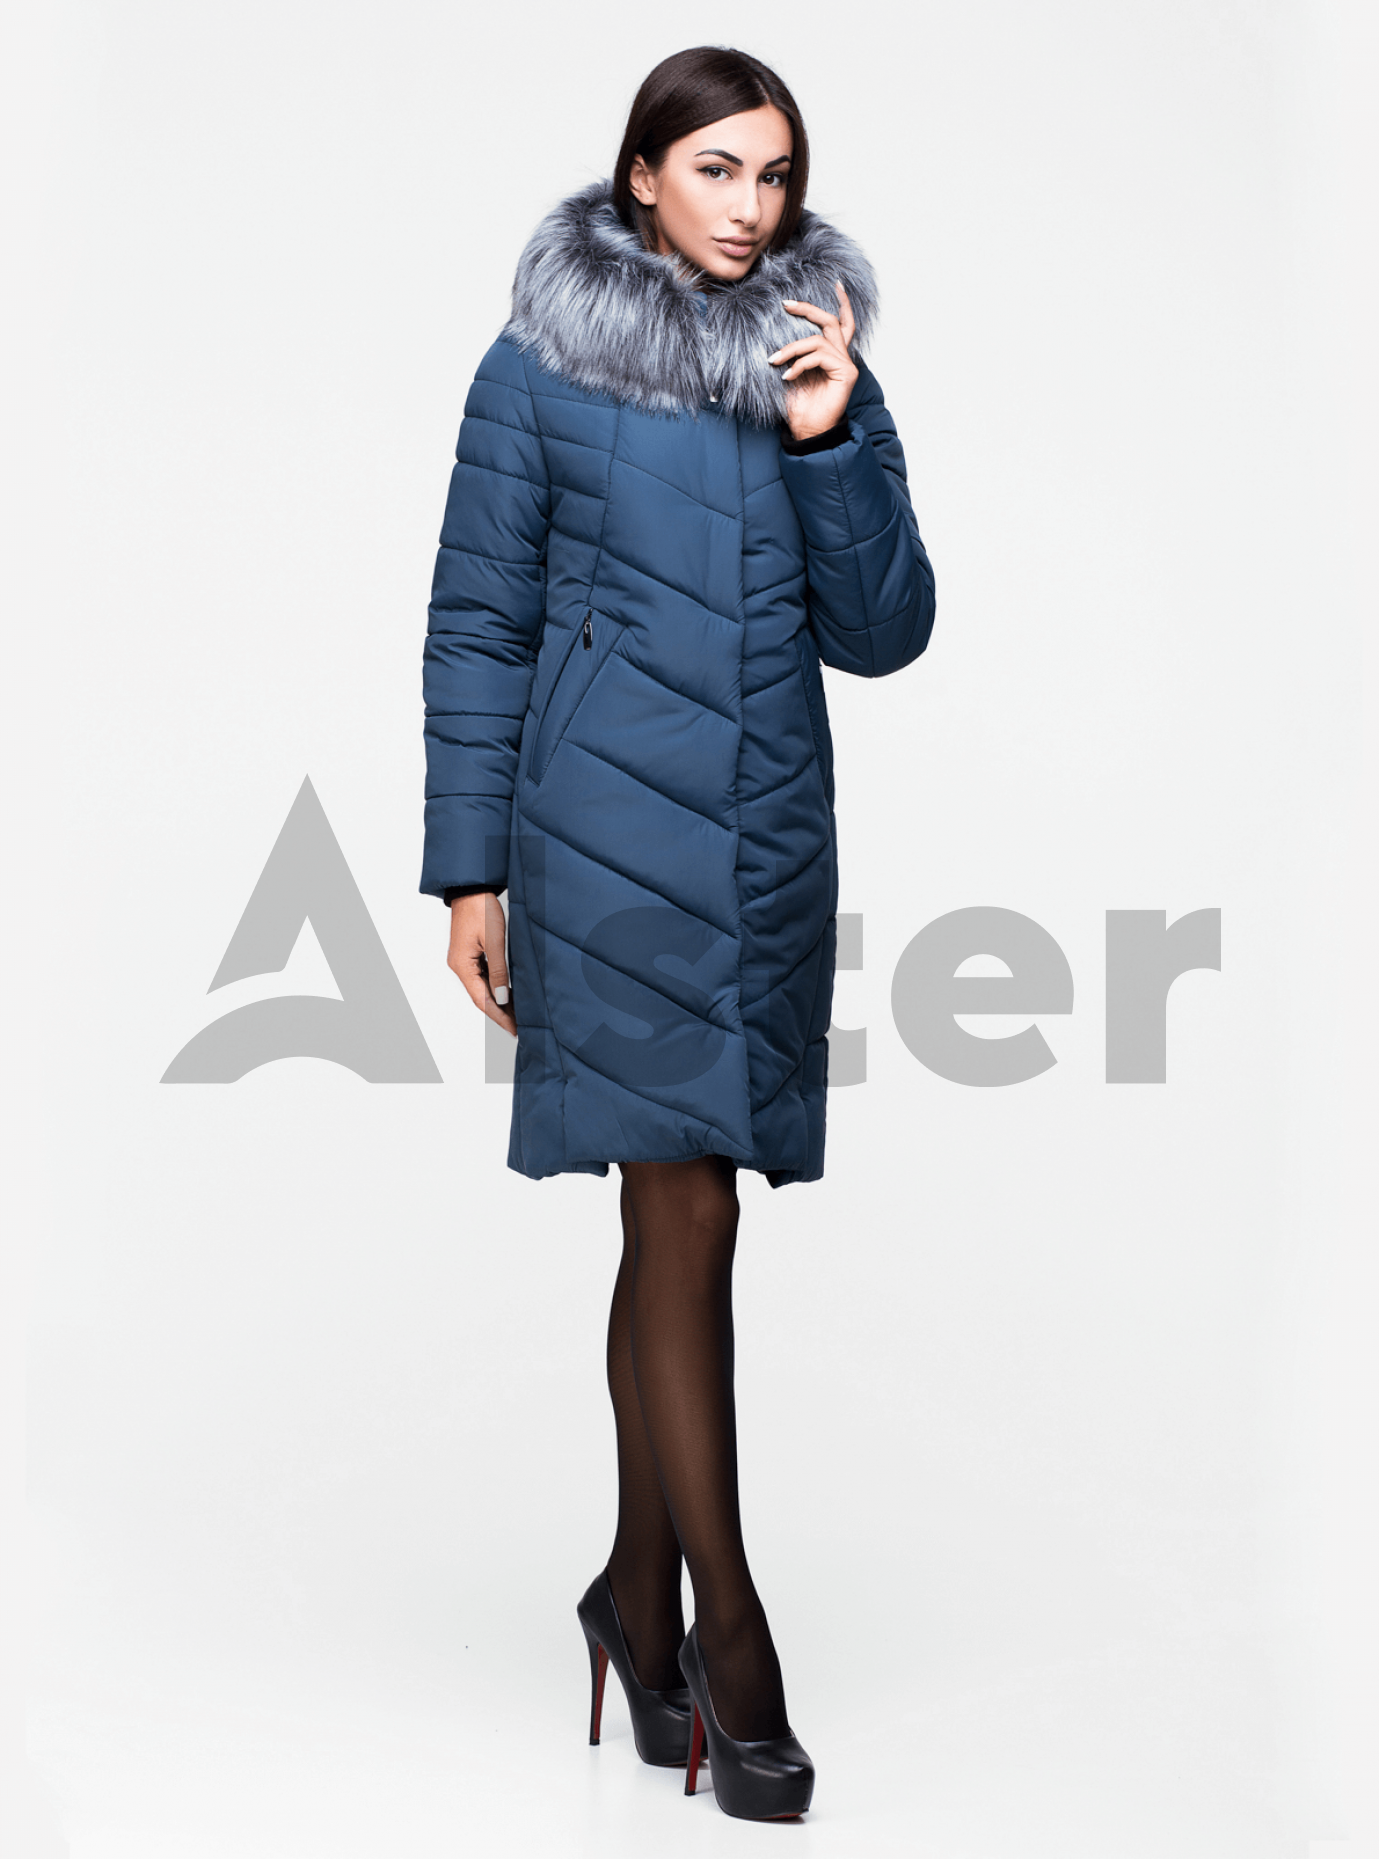 Куртка зимняя длинная с искуственным мехом Светло-синий 44 (03-P19067): фото - Alster.ua